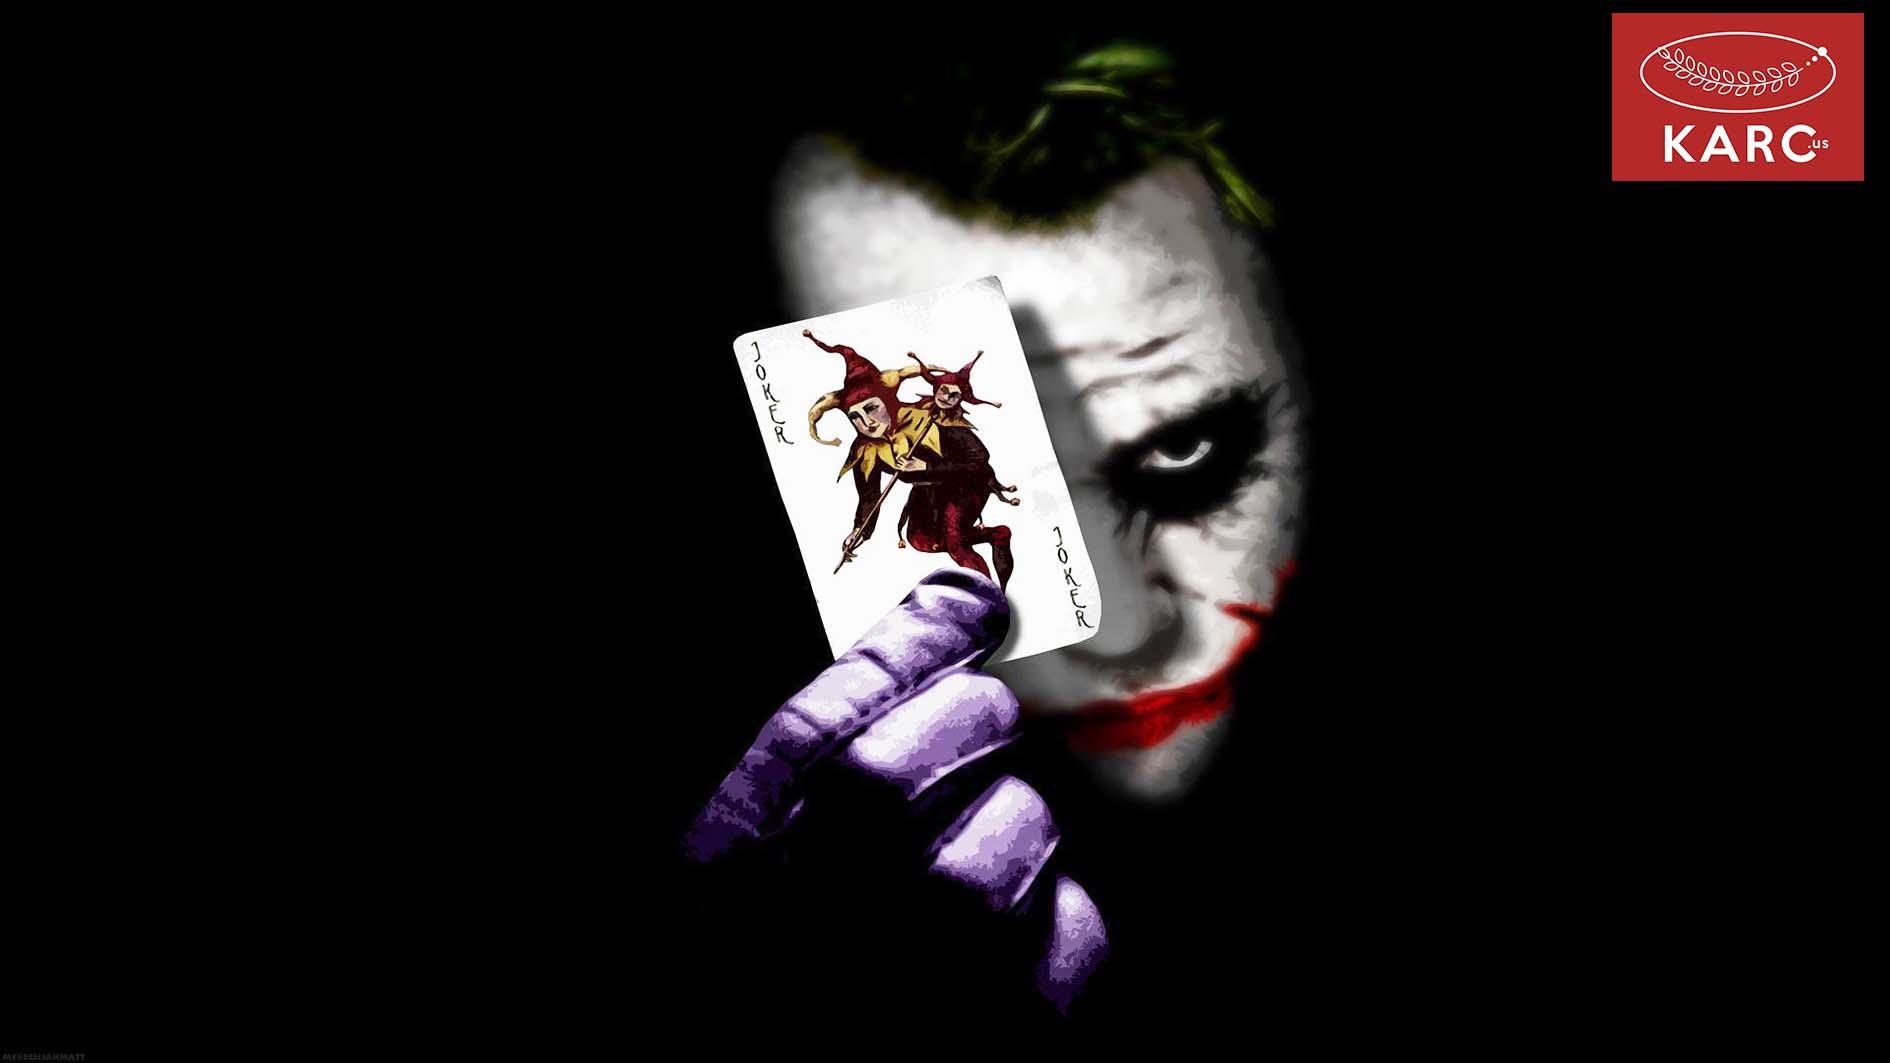 5 เรื่องของดาวตลกวายร้ายของ joker กว่าจะมาเป็น joker - Karc.us